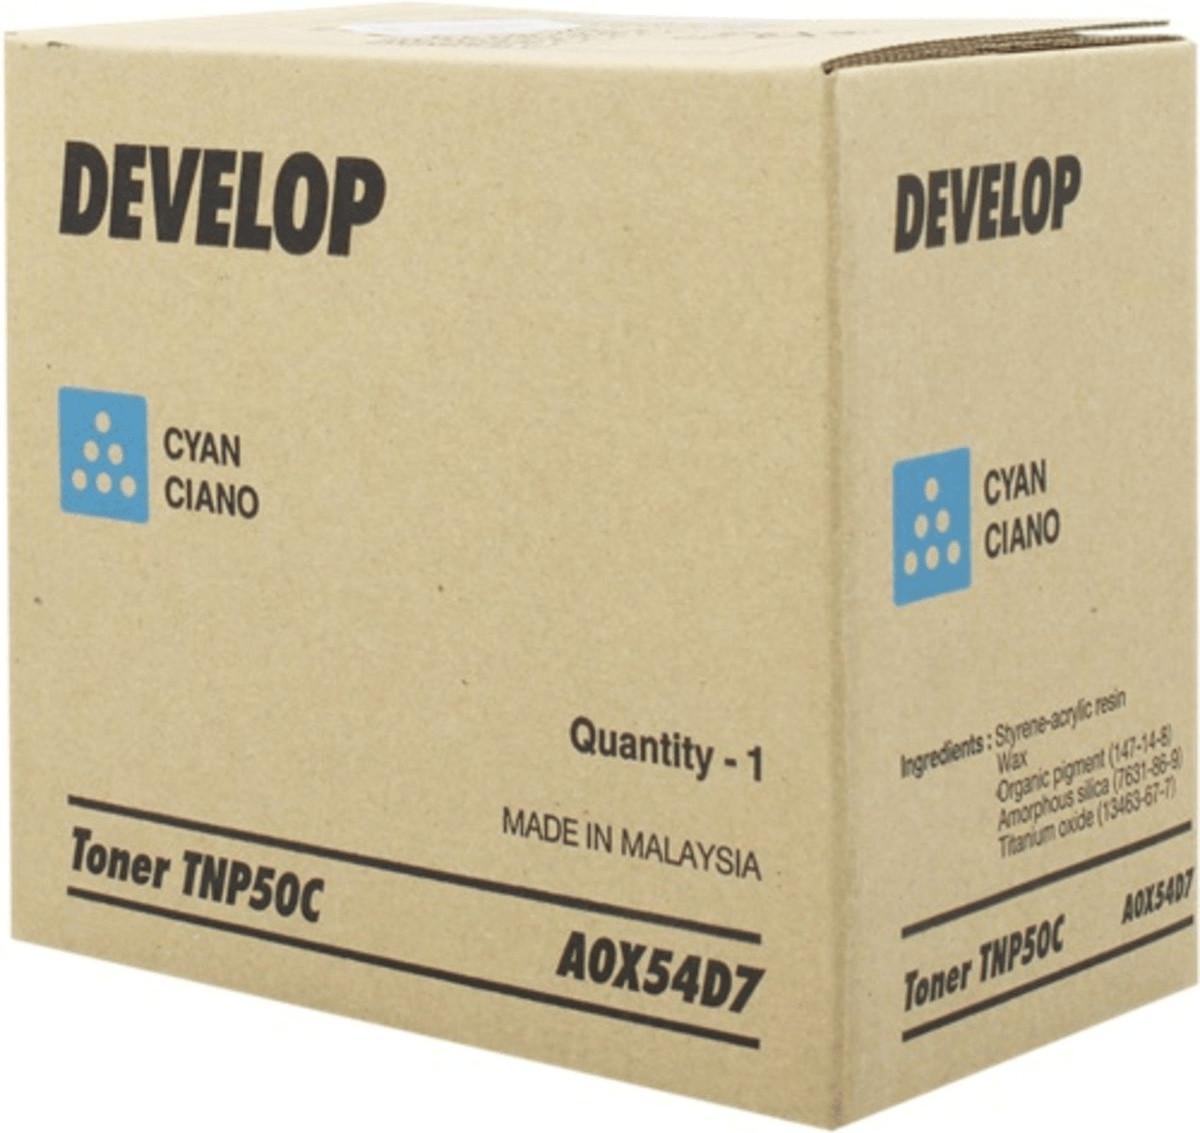 Image of Develop A0X54D7